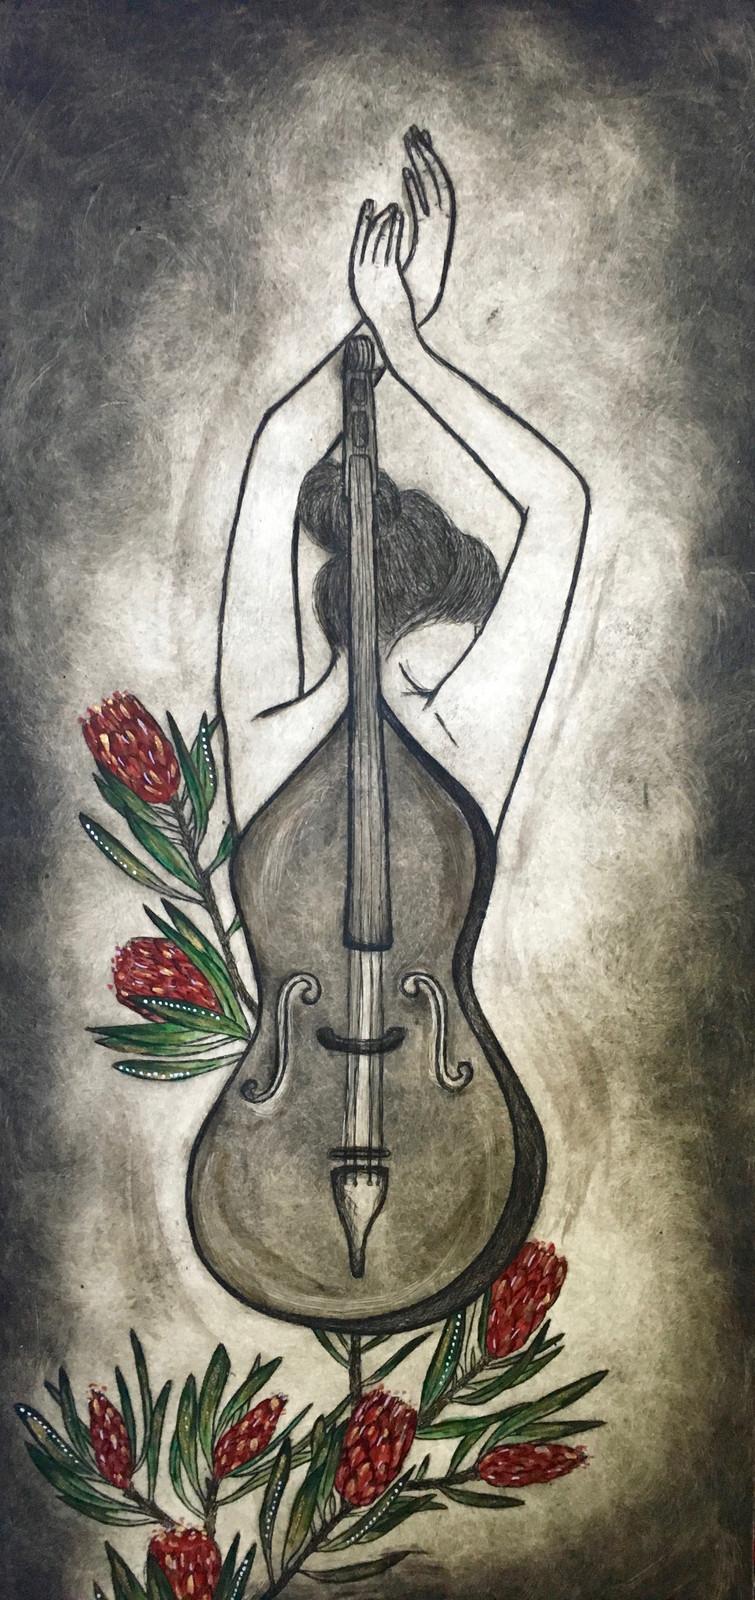 The Melancholy Cello